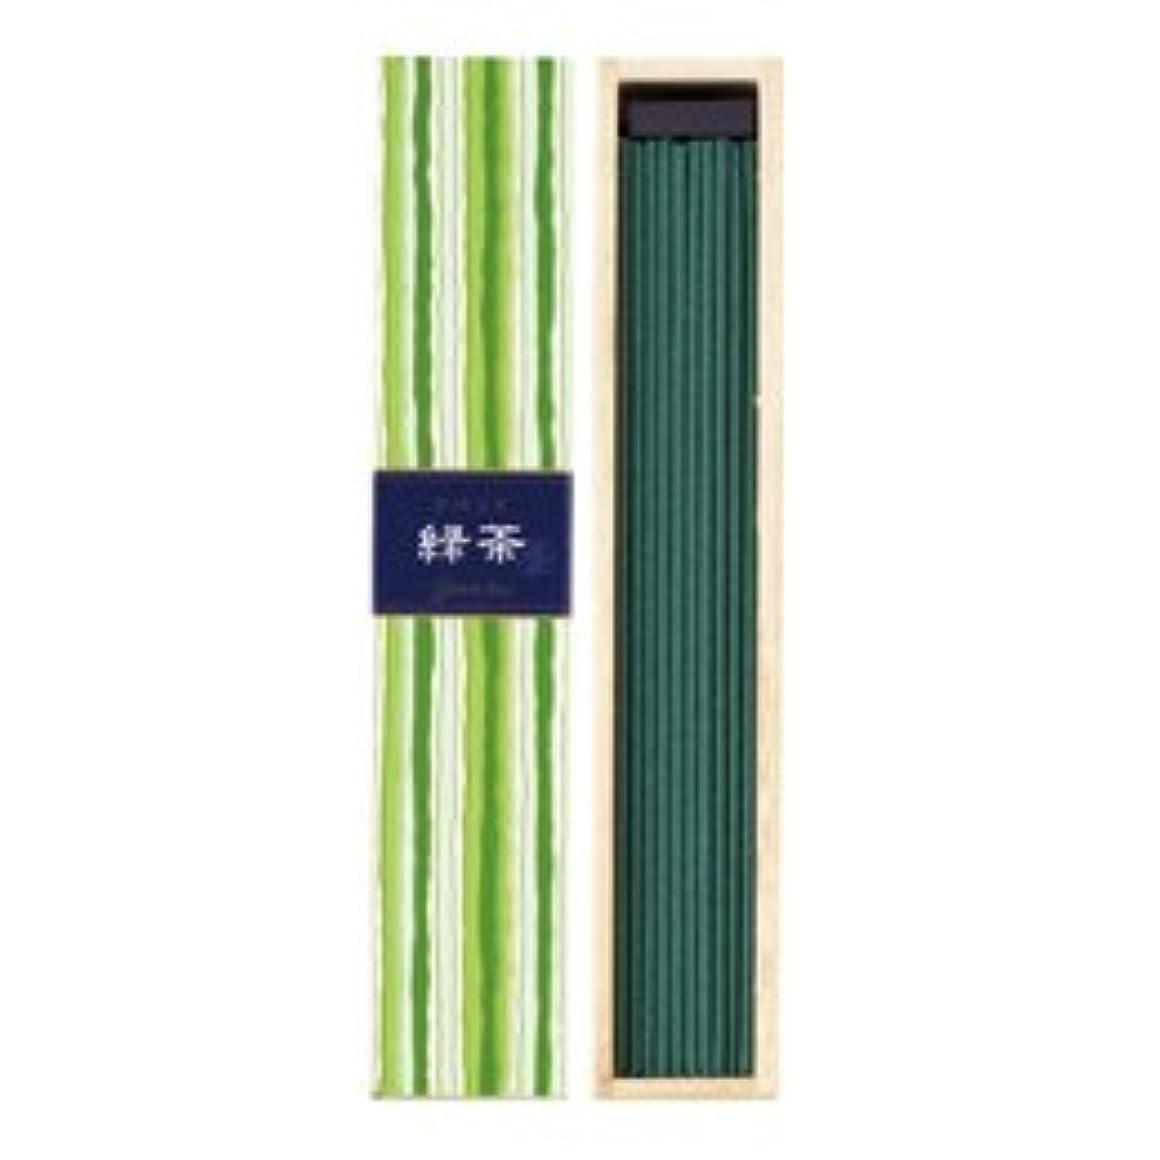 感度批判的におしゃれじゃない日本香堂 かゆらぎ 緑茶 スティック40本入 (1箱)